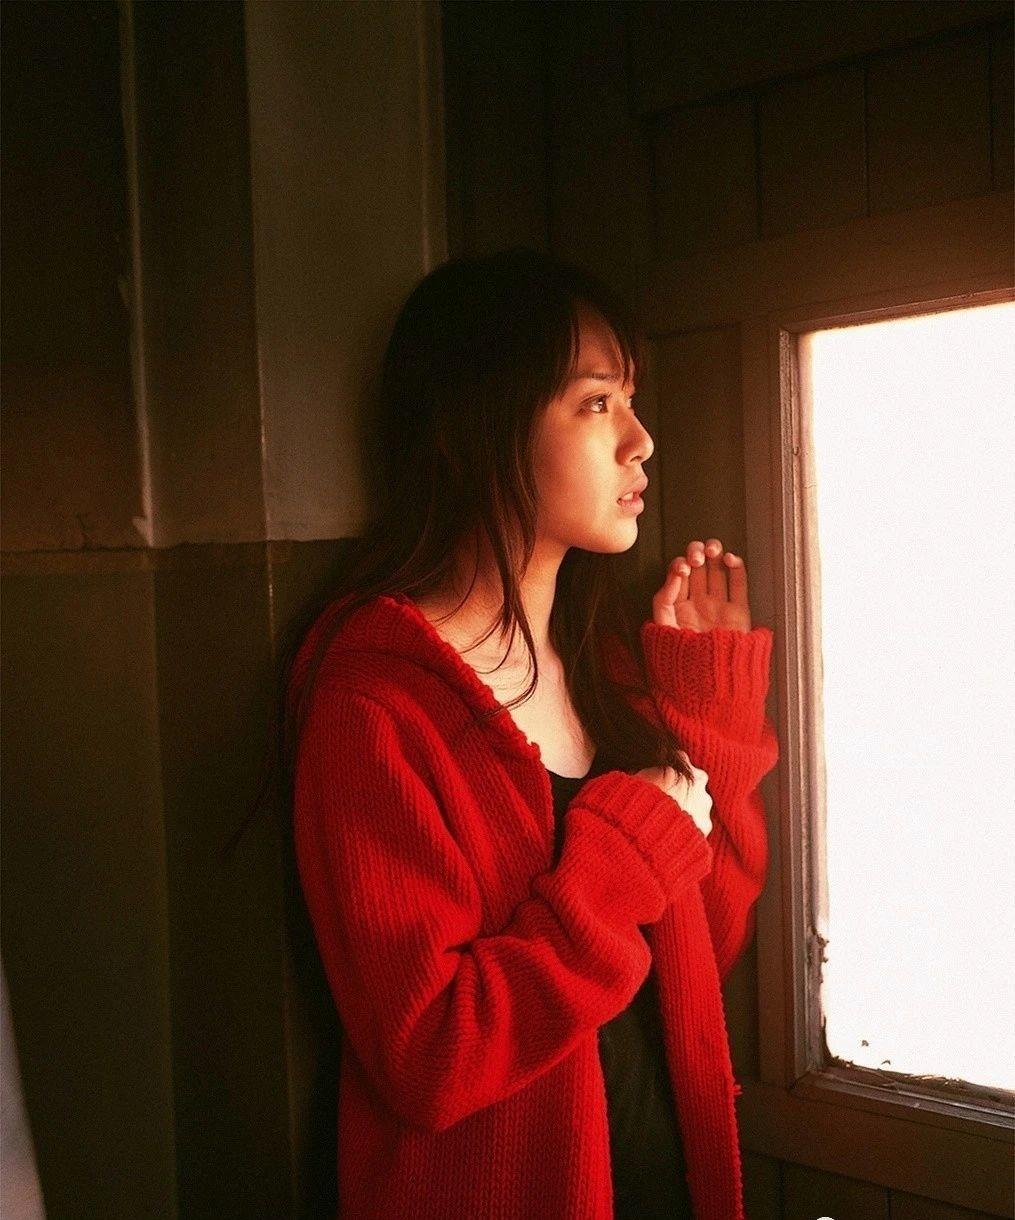 美的不可方物少女时代的户田惠梨香写真作品 (18)